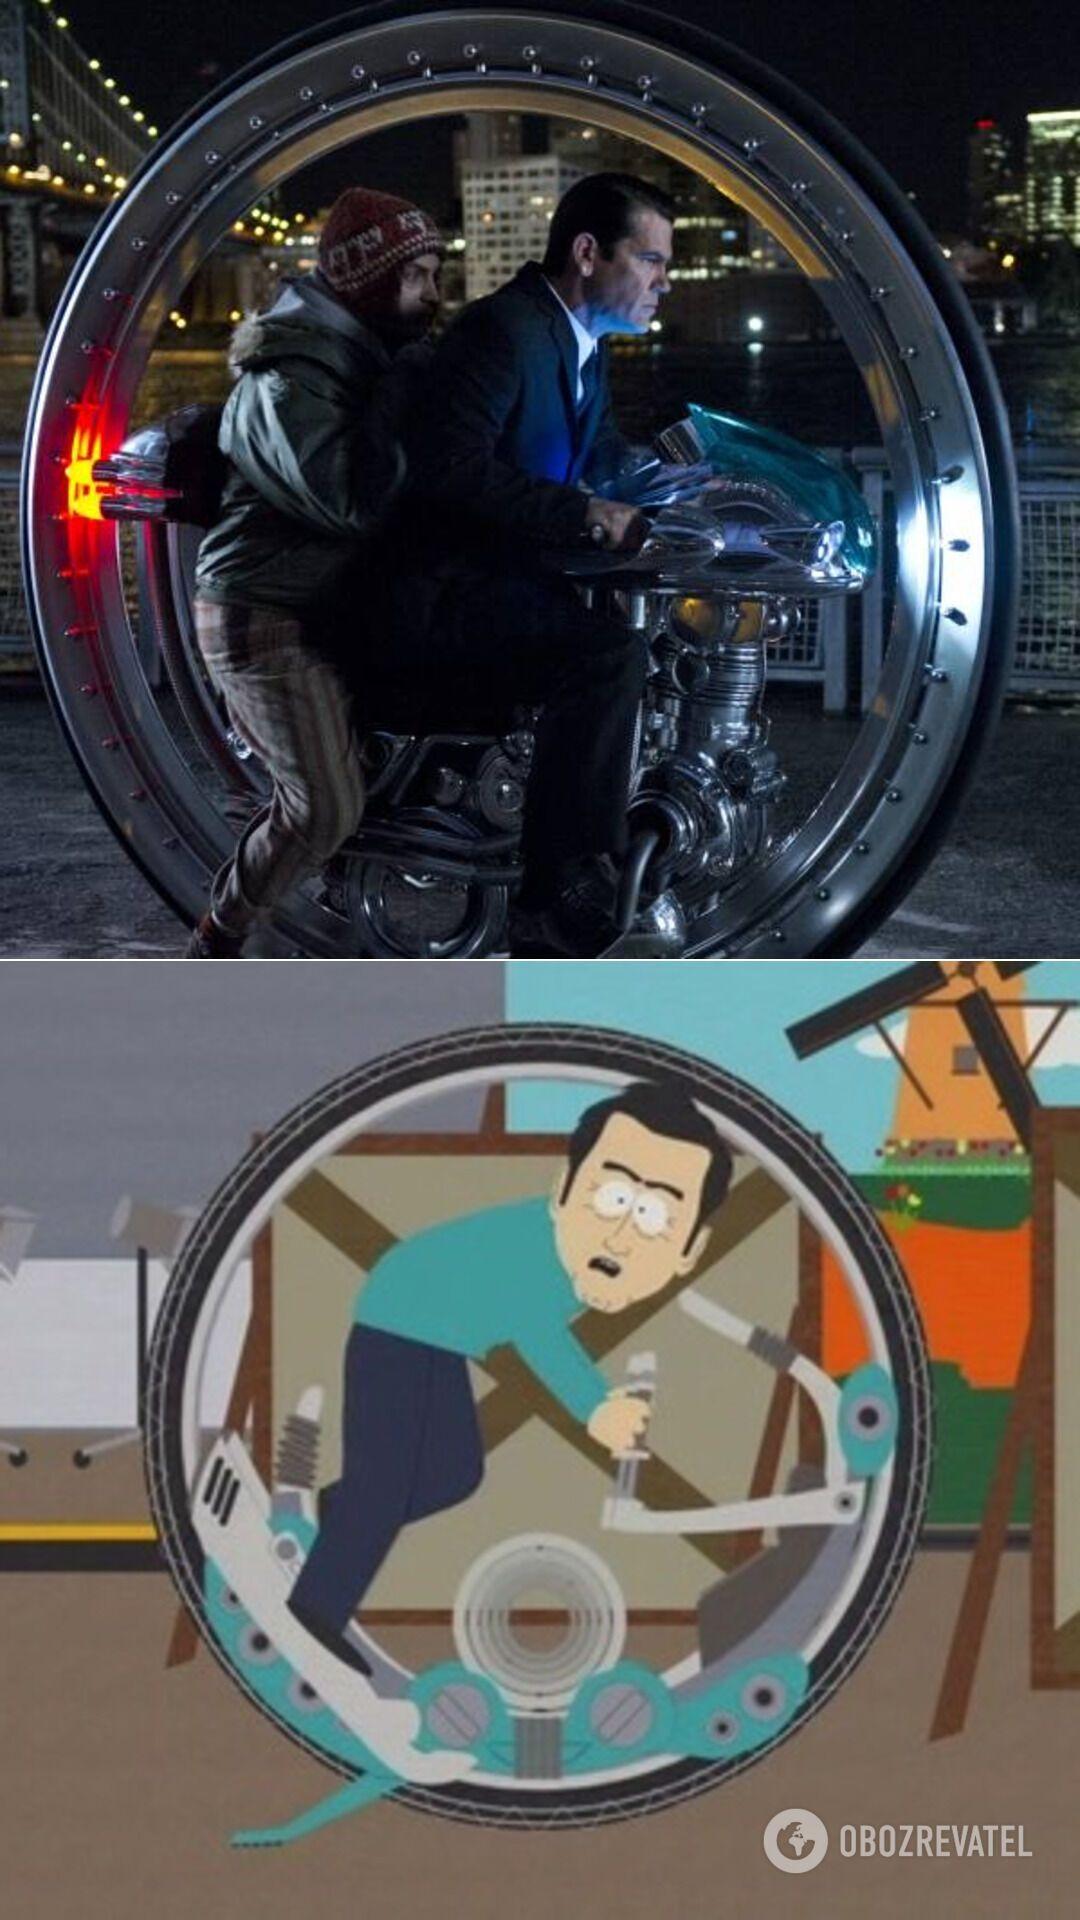 Мотор-колесо в кинематографе